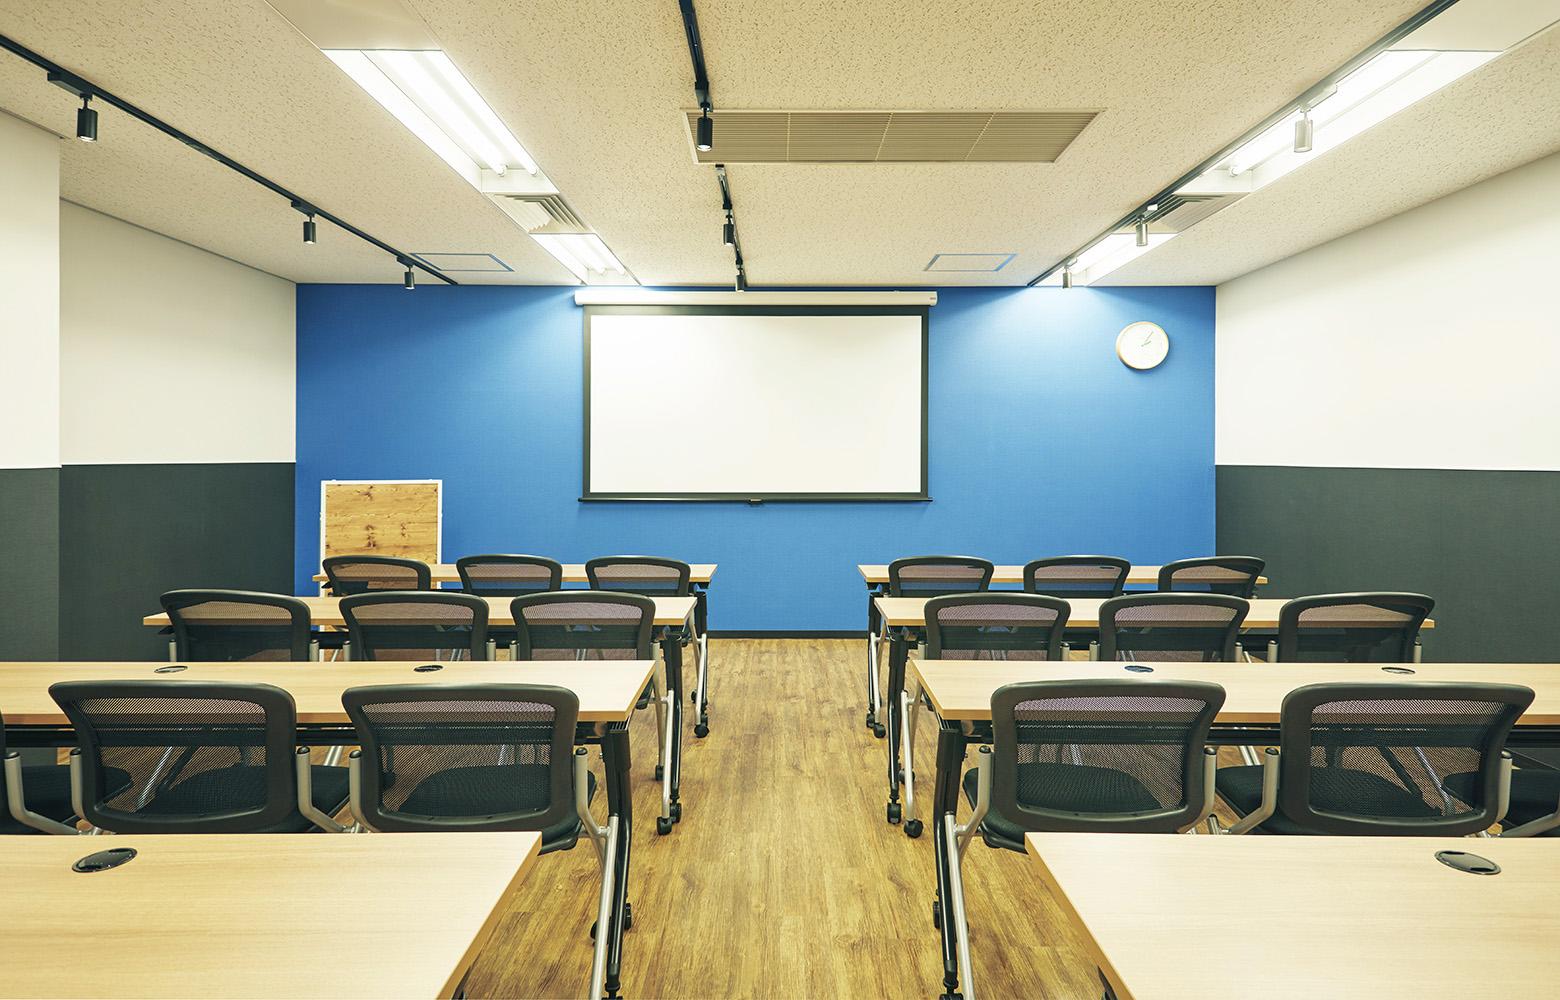 株式会社アット・アップ Seminar Room デザイン・レイアウト事例